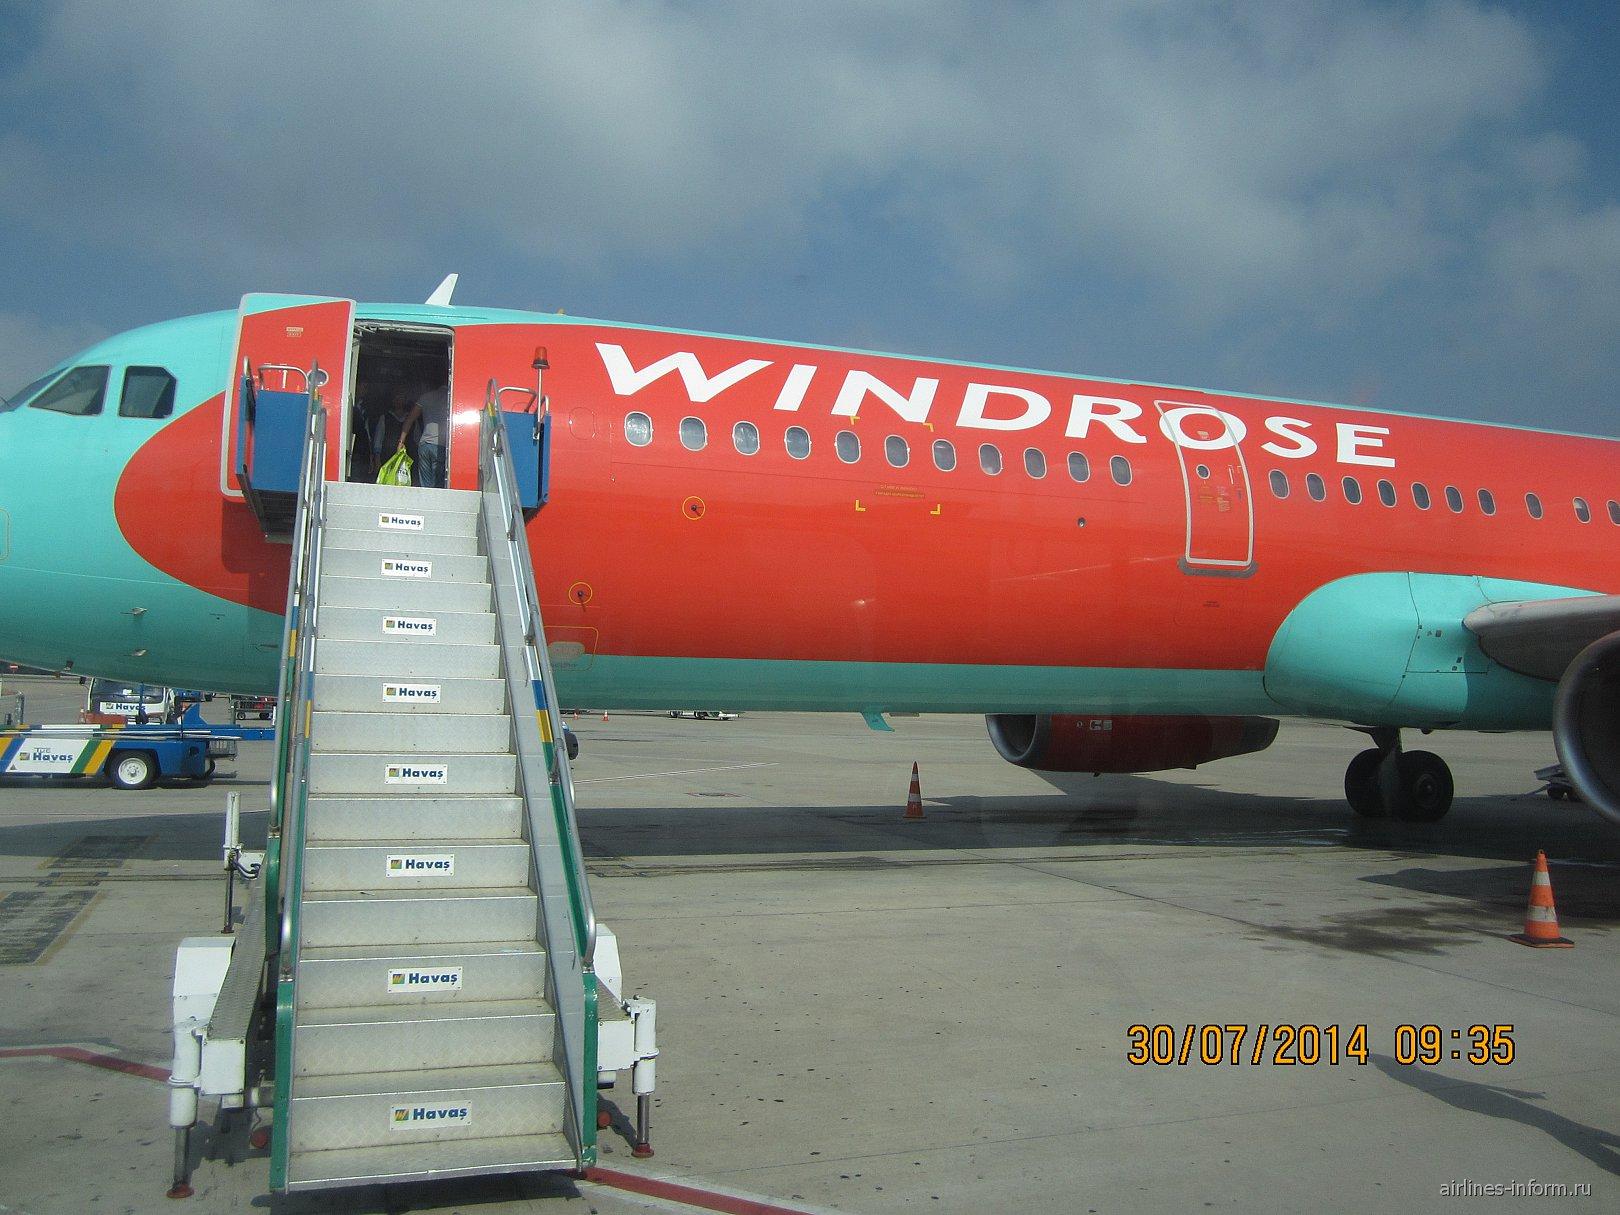 Перелет Анталия(Antalya)-Киев(Борисполь) на А321 Windrose или Не хочу домой!